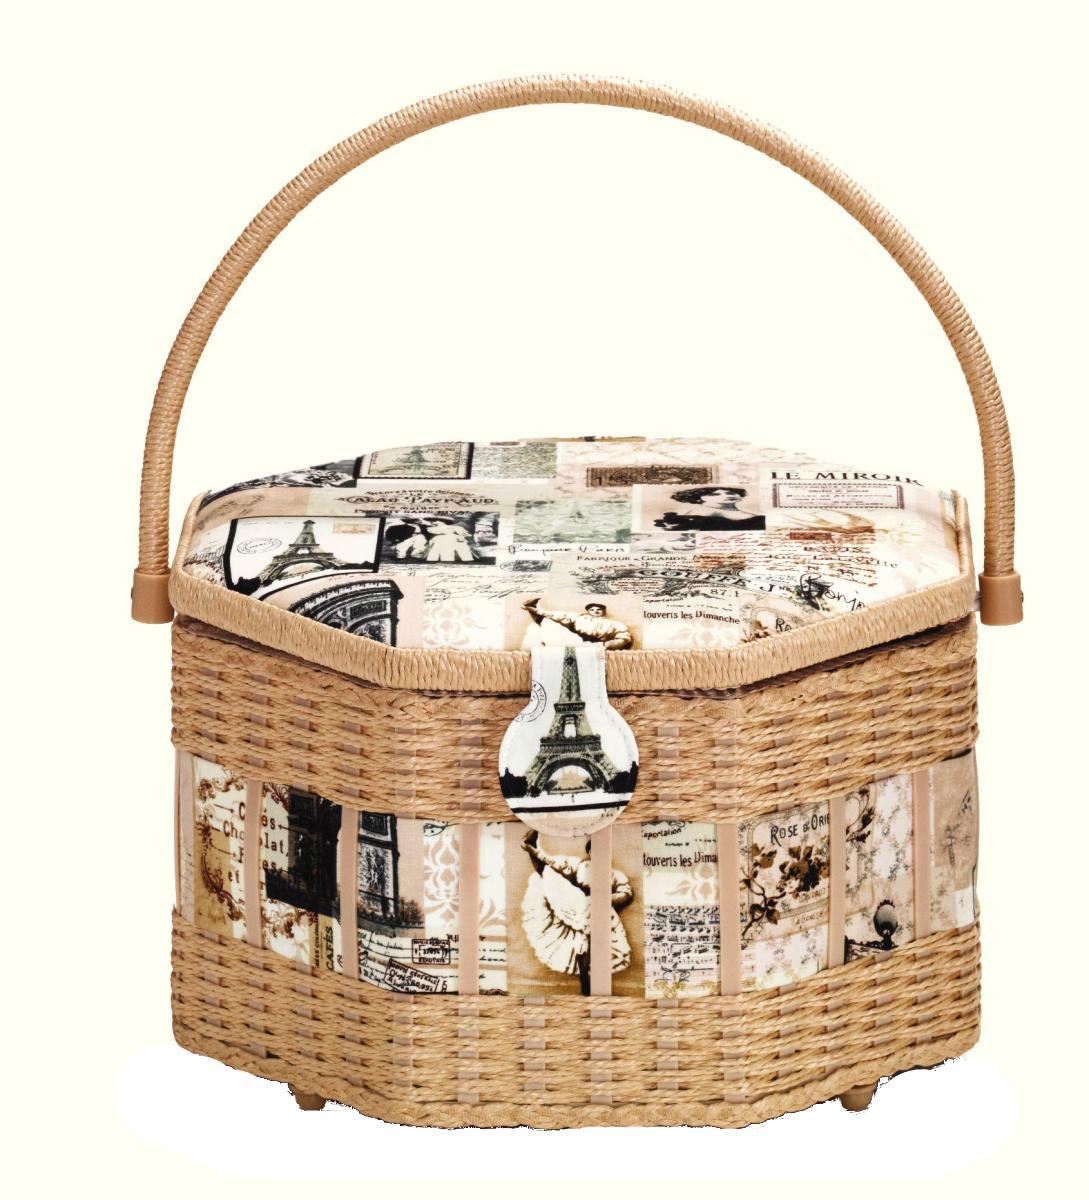 Шкатулка для рукоделия Vintage, 30,5 см х 30,5 см х 19 см529Шкатулка для рукоделия Vintage , станет чудесным подарком для рукодельницы. Порадуйте женщин незаменимой шкатулкой Vintage от производителя Prym.